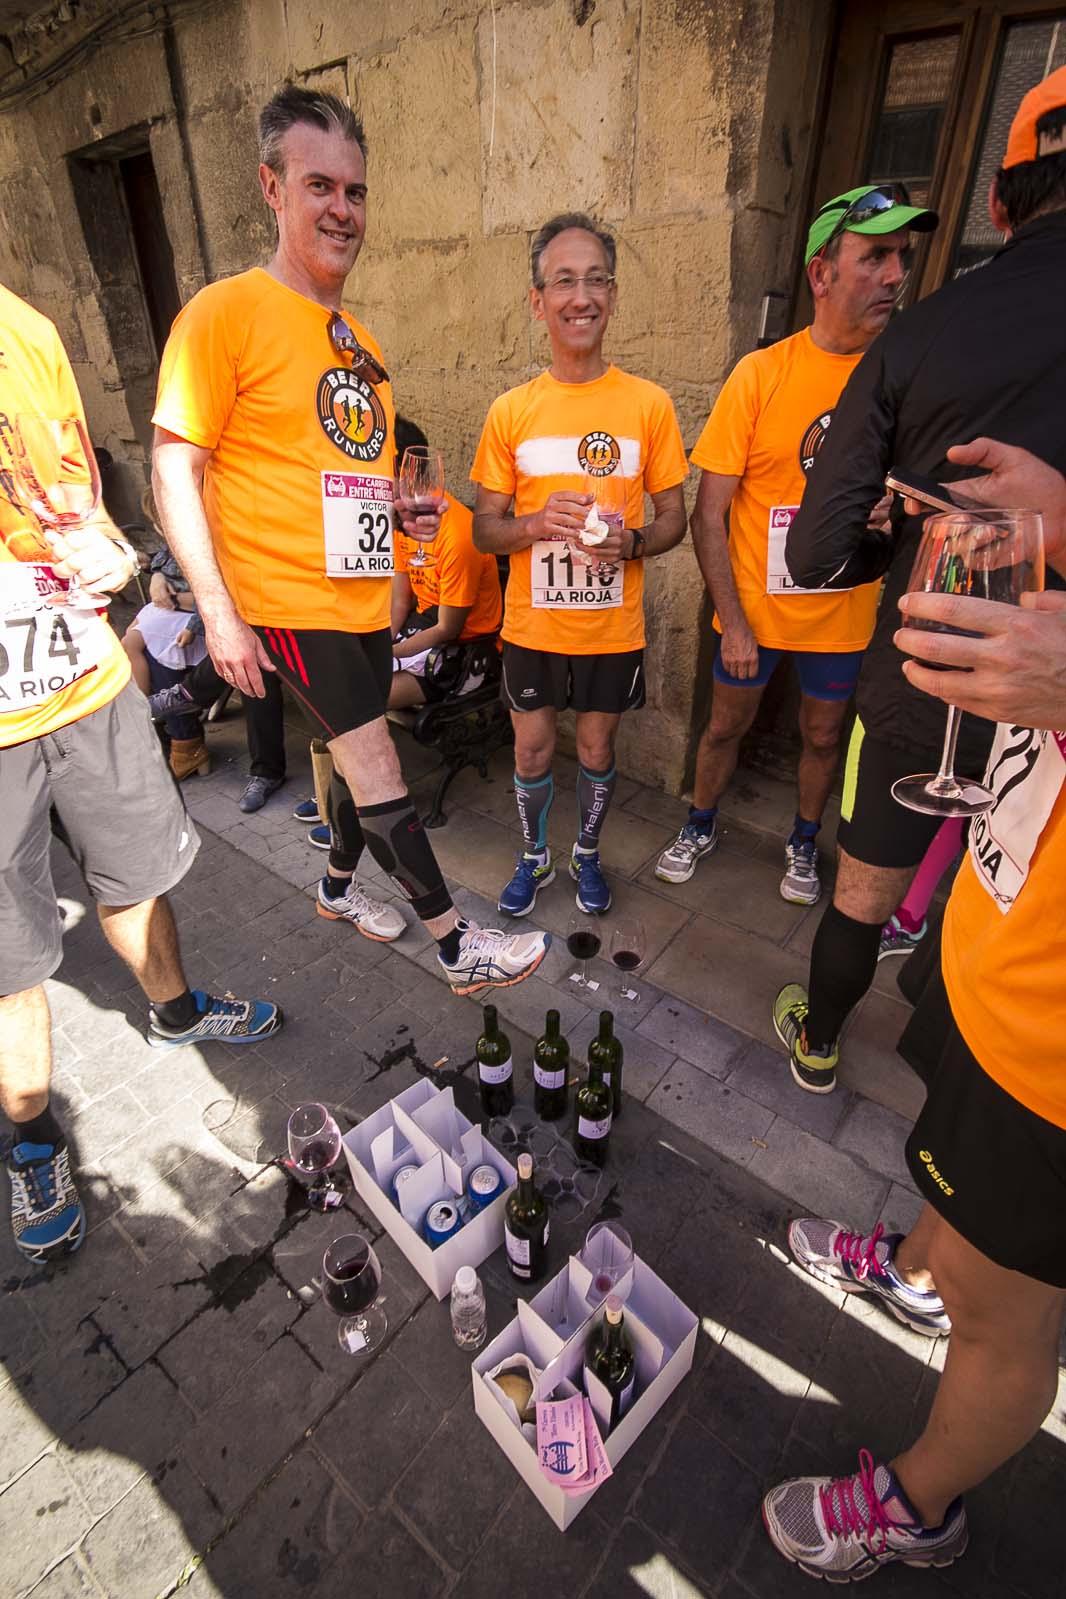 Entre viñedos beer_75